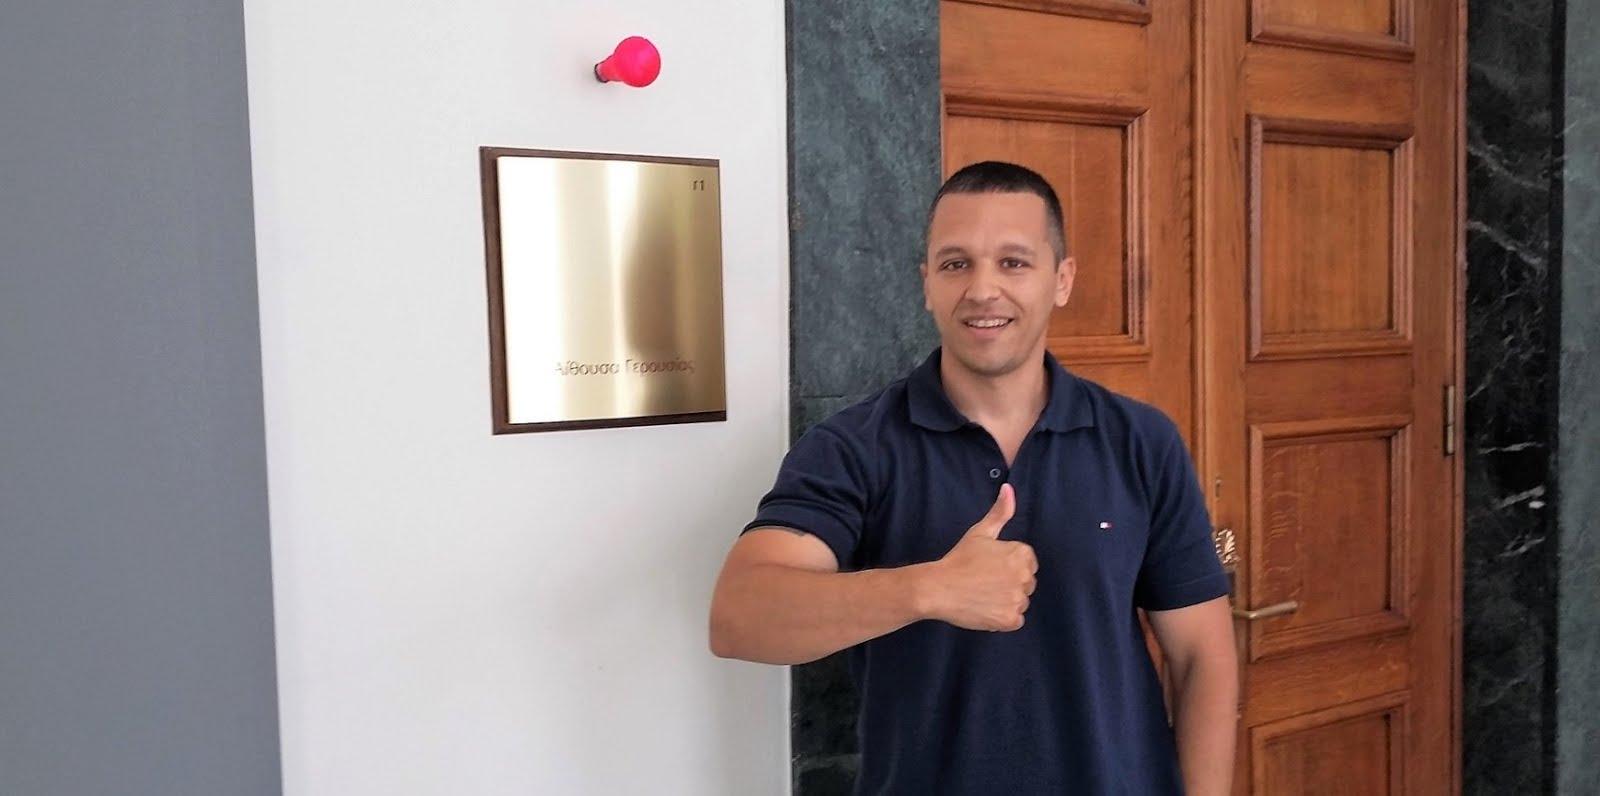 Ο Κασιδιάρης φωτογραφίζεται με κόκκινο λαμπάκι μέσα στη Βουλή